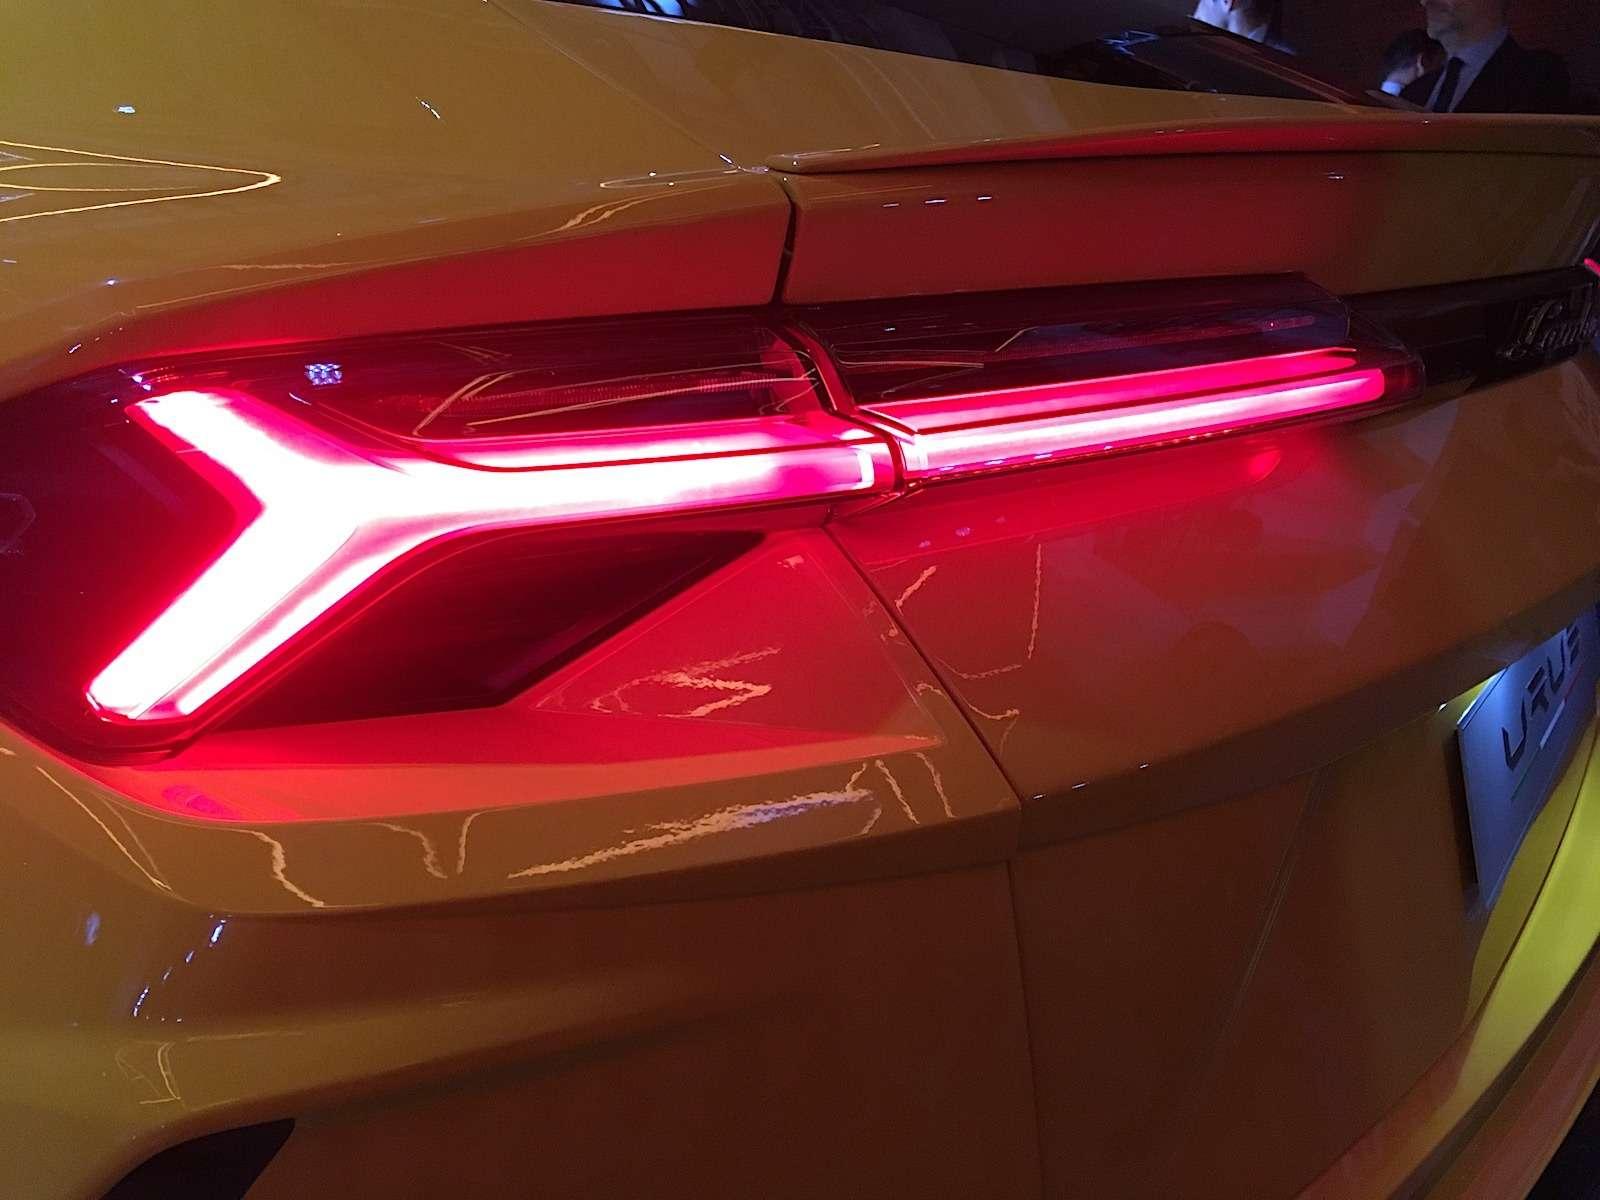 Lamborghini привезла вРоссию автомобиль, который небоится «лежачих полицейских»— фото 845493